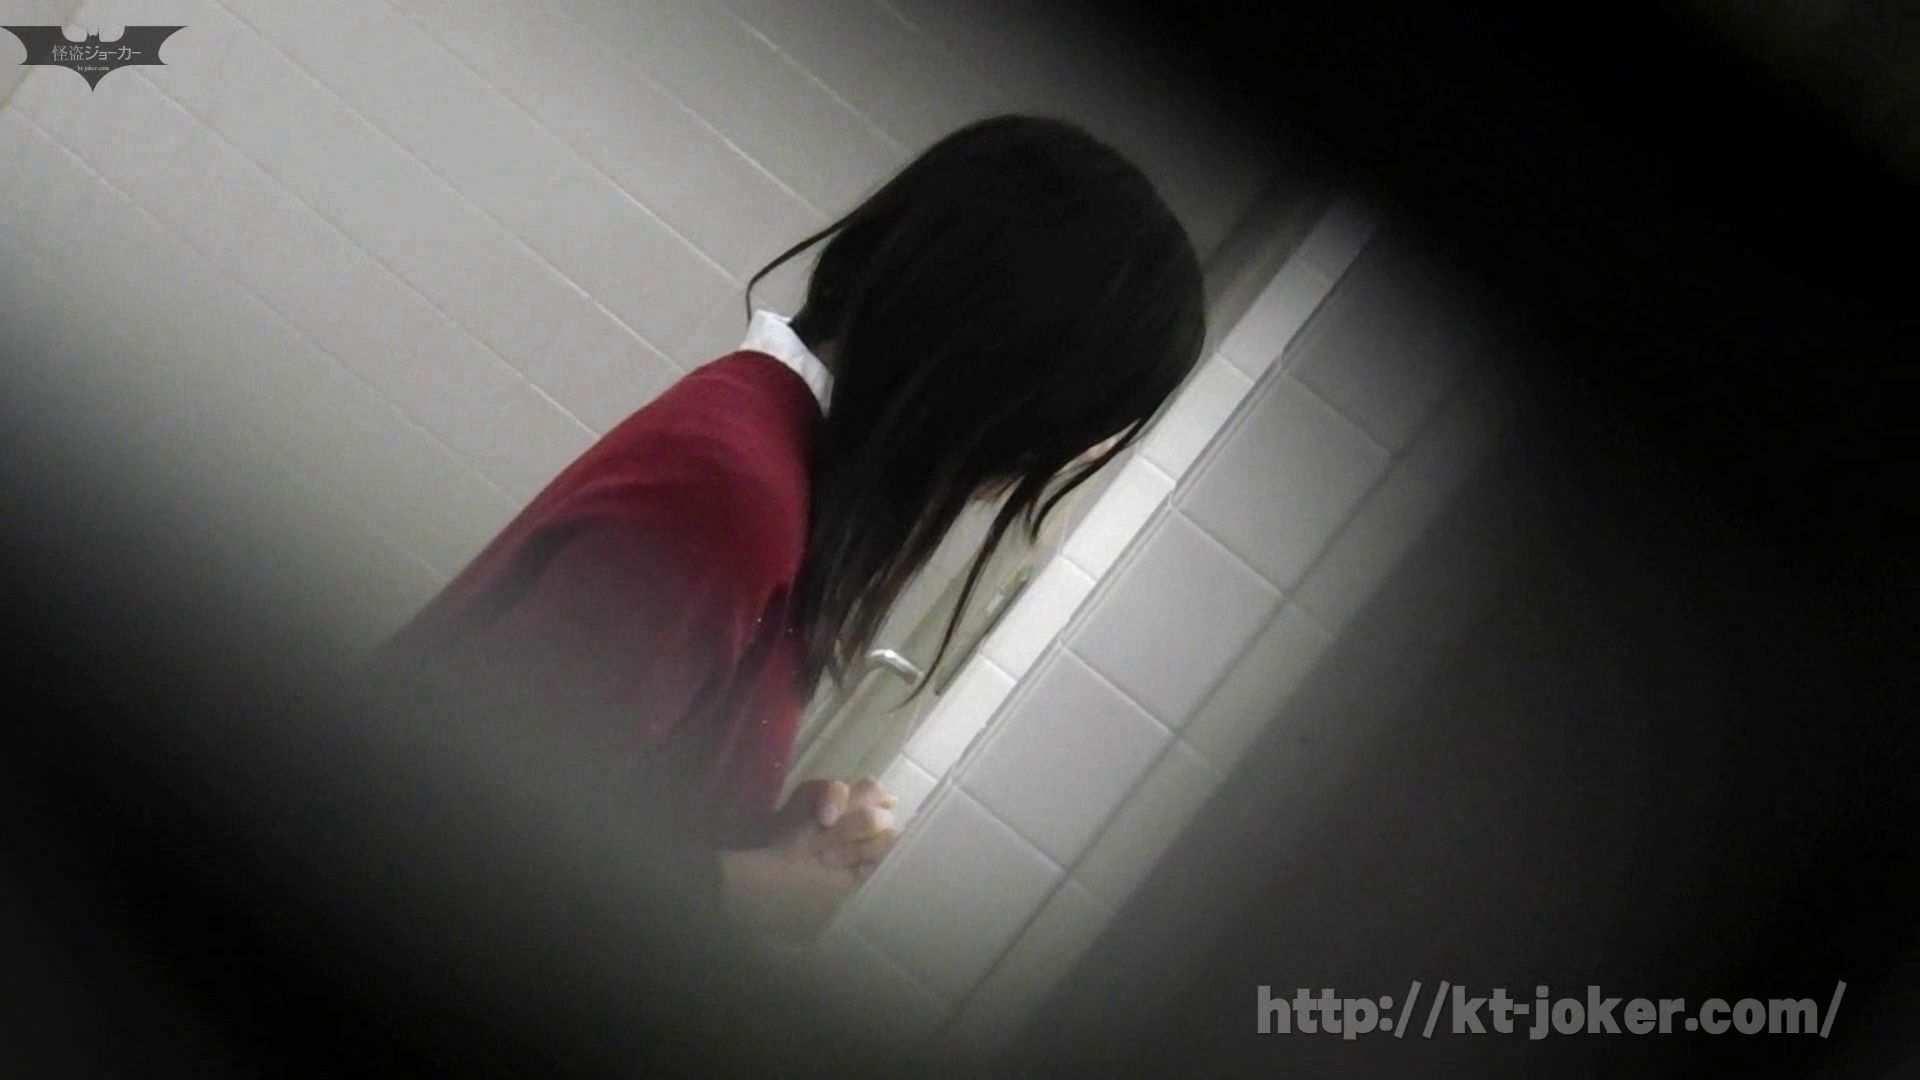 命がけ潜伏洗面所! vol.56 ピンチ!!「鏡の前で祈る女性」にばれる危機 洗面所はめどり  57画像 6